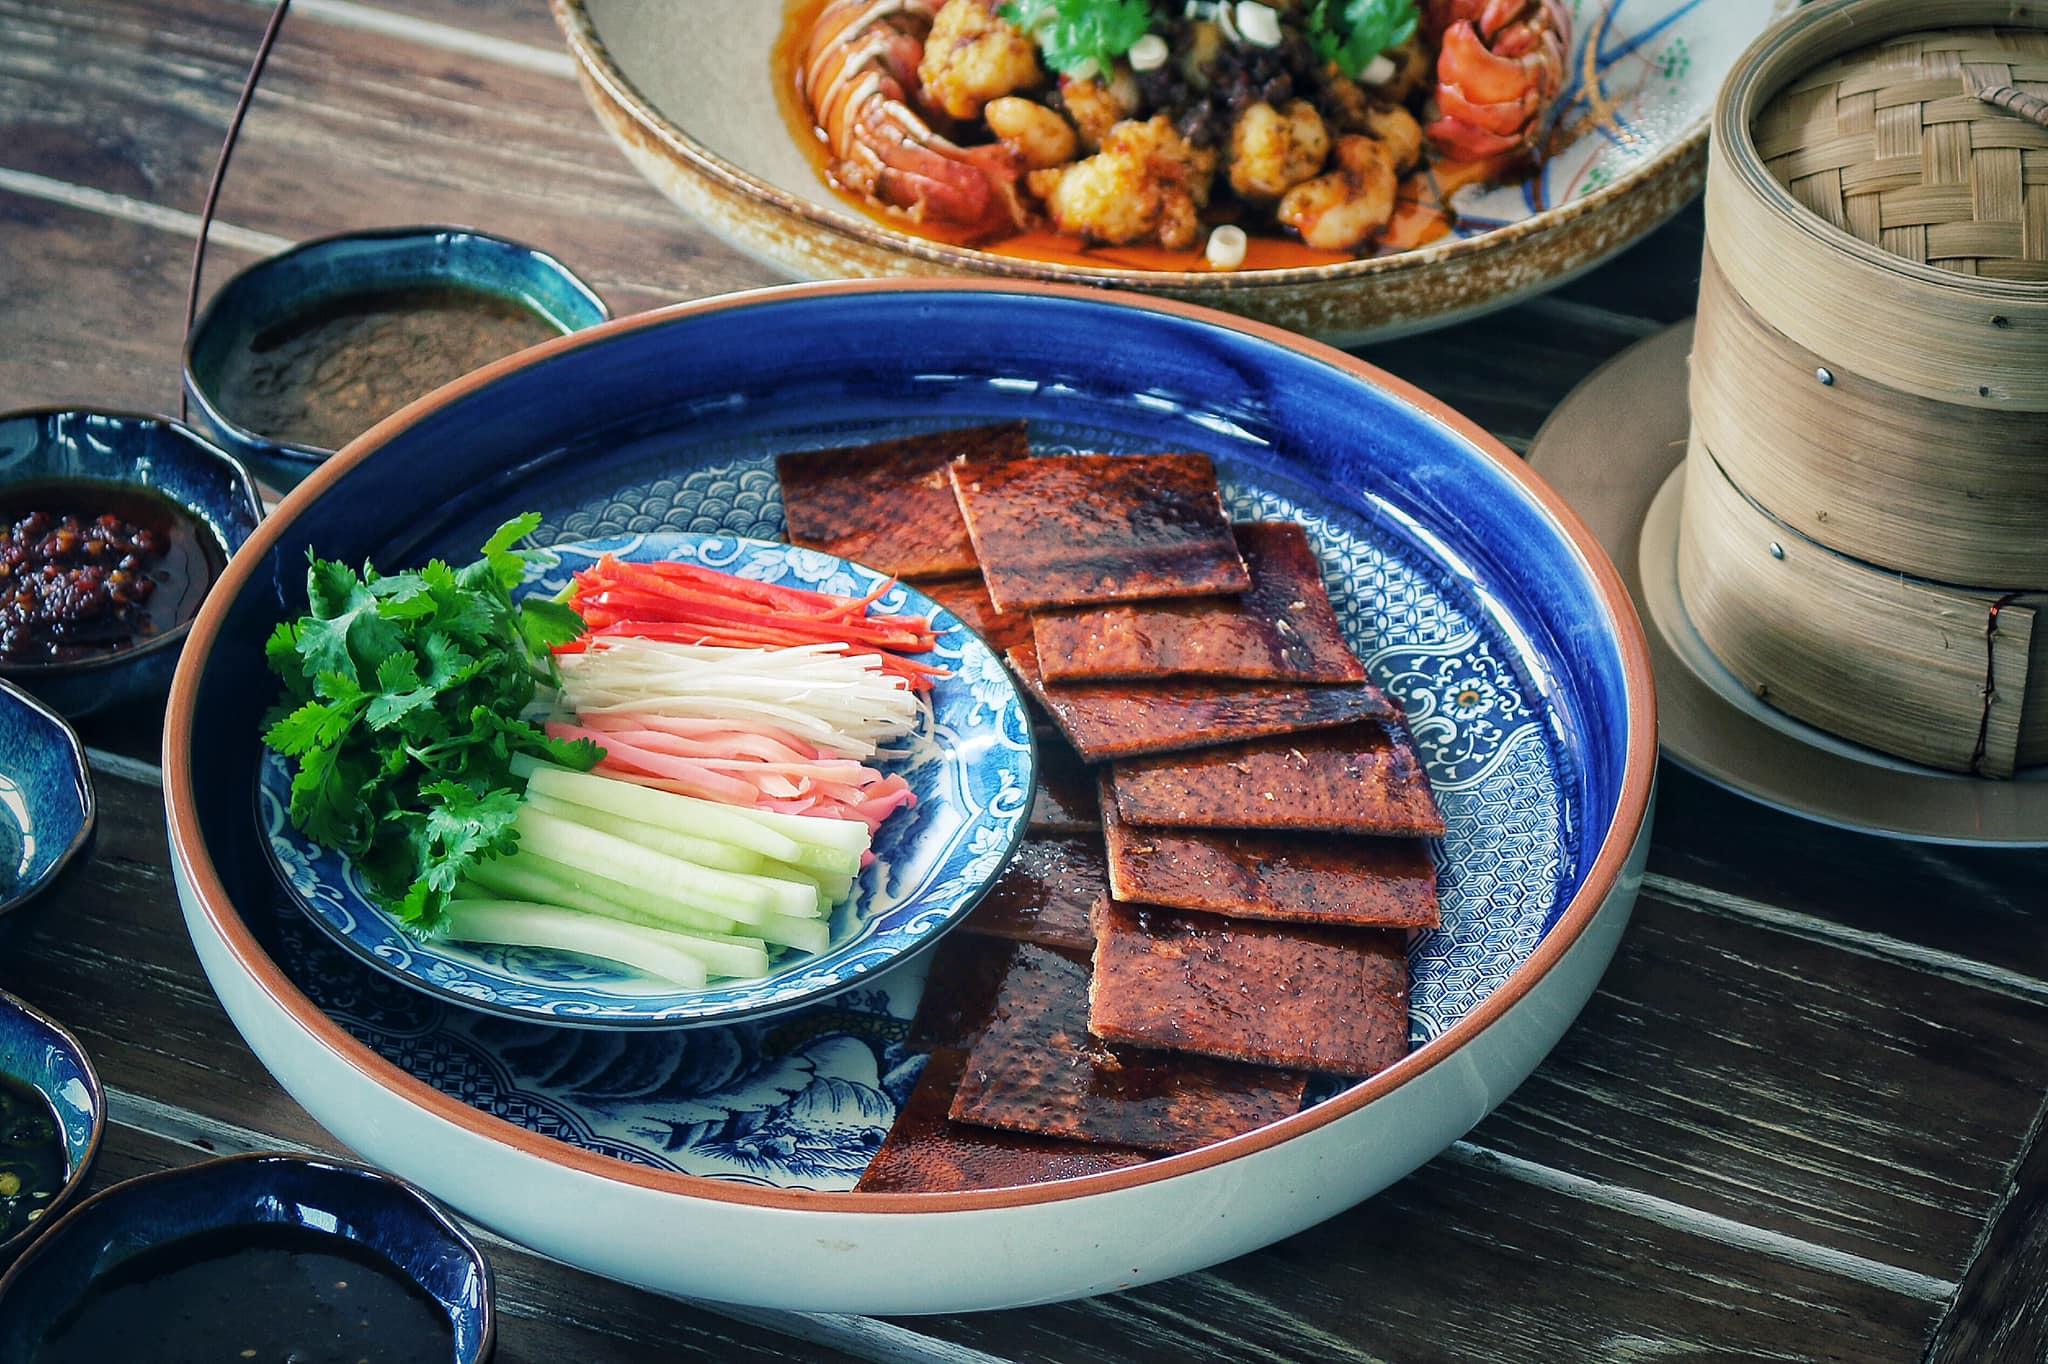 อาหารฮาลาล เดลิเวอรี่ กรุงเทพฯ